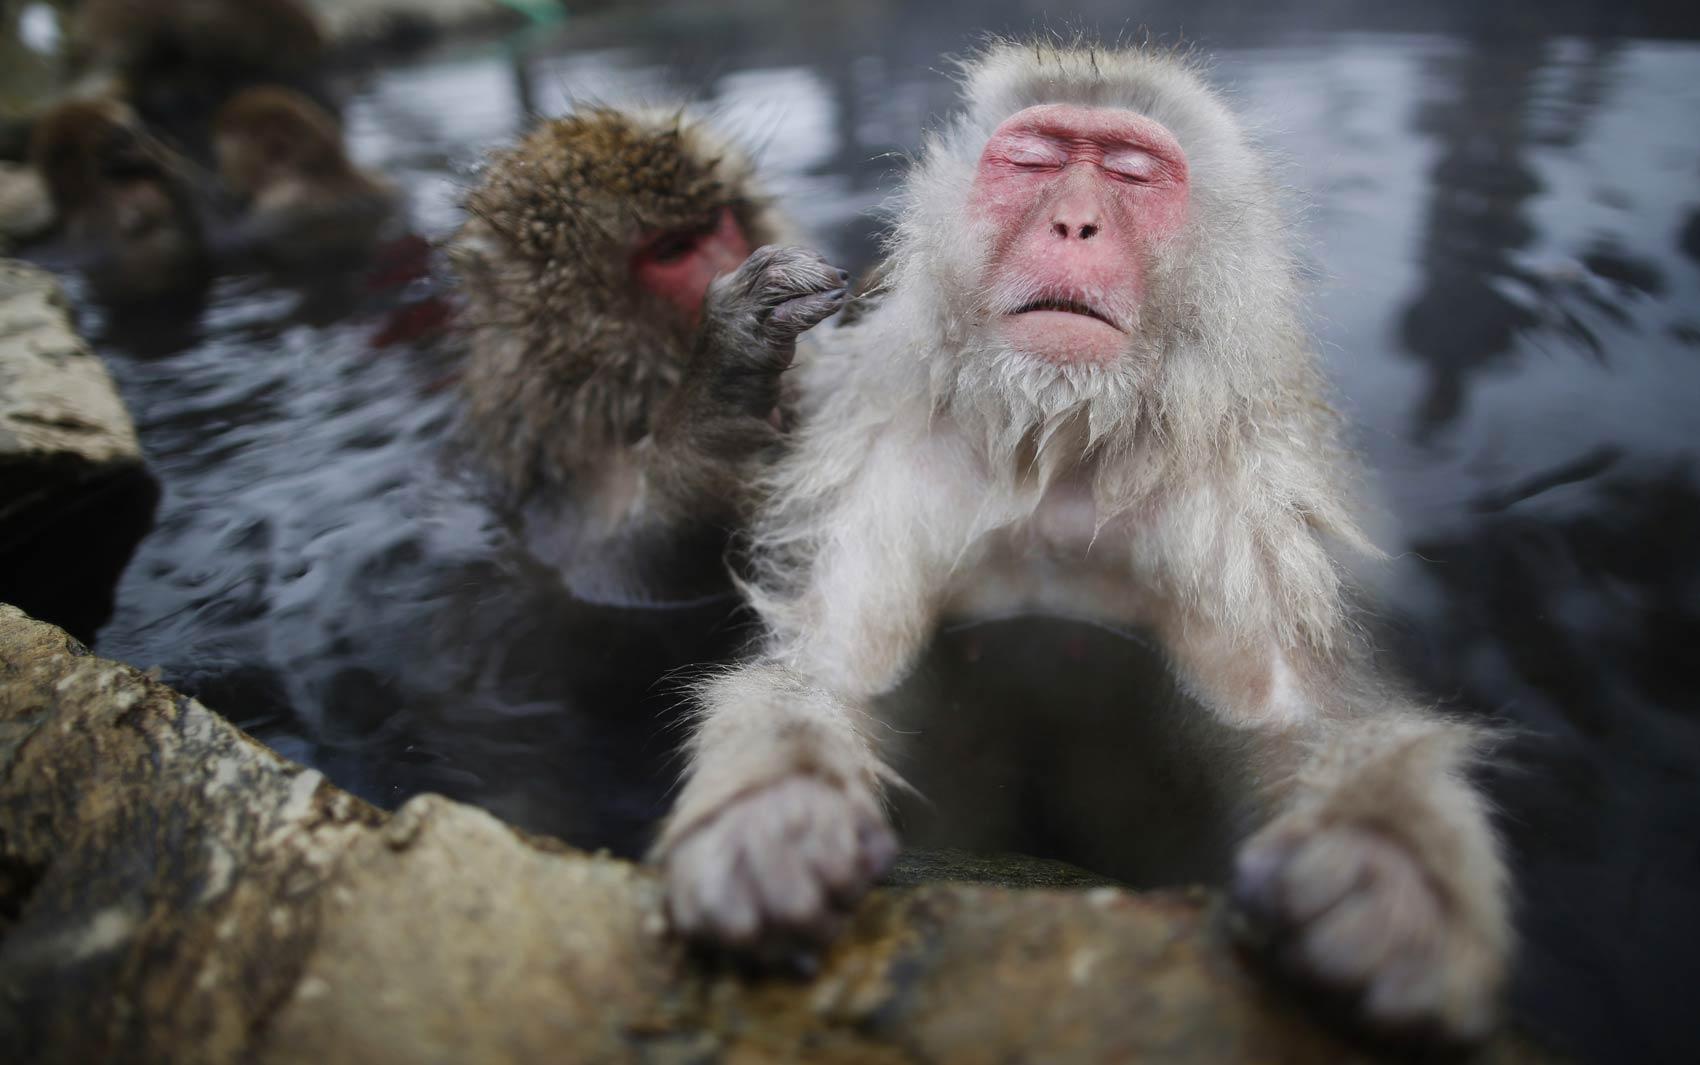 20/1 - Macaco-japonês fecha os olhos e parece relaxar enquanto 'amigo' mexe em seu pelo em fonte termal na cidade de Yamanouchi, no Japão